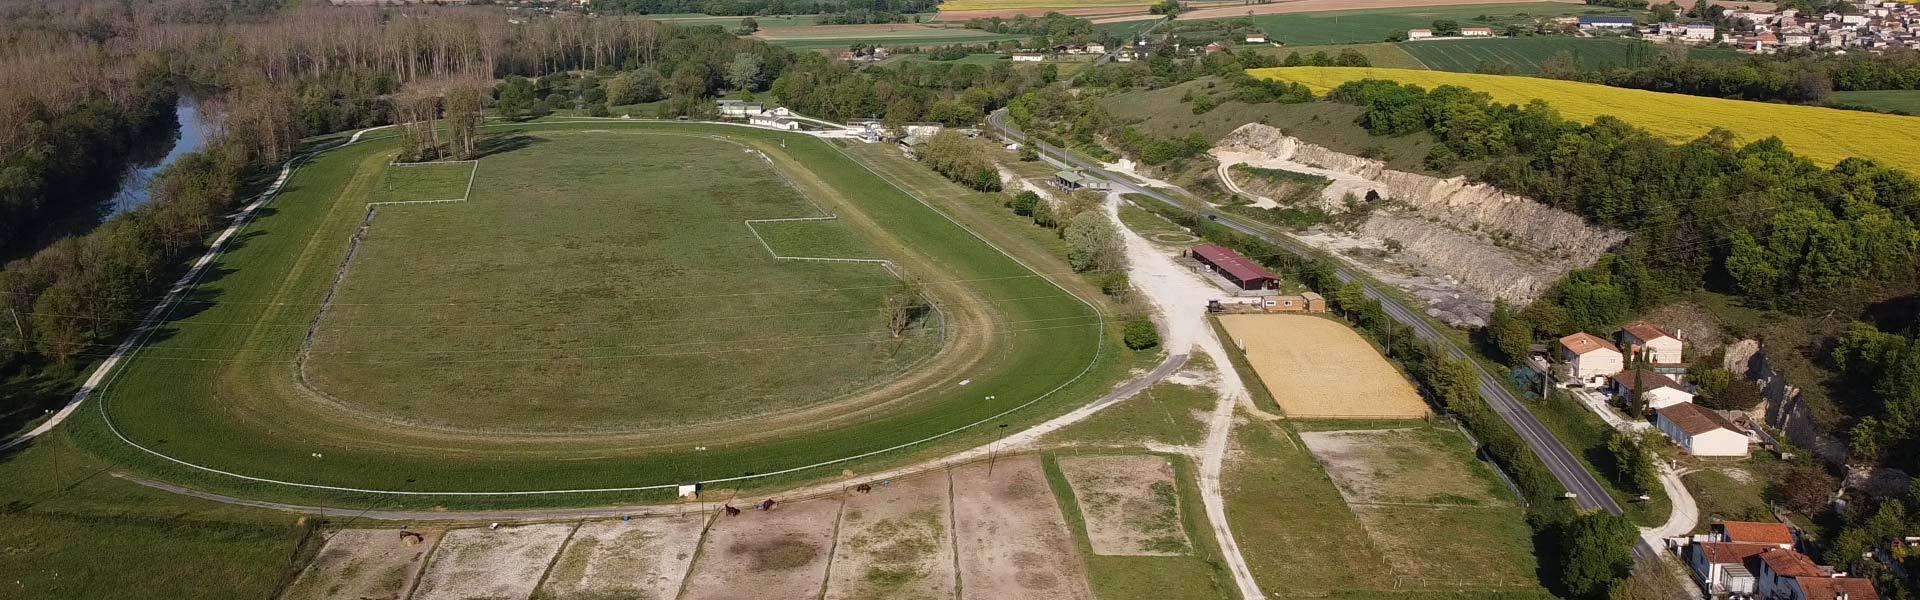 Montignac-Charente-bandeau-centre-equestre